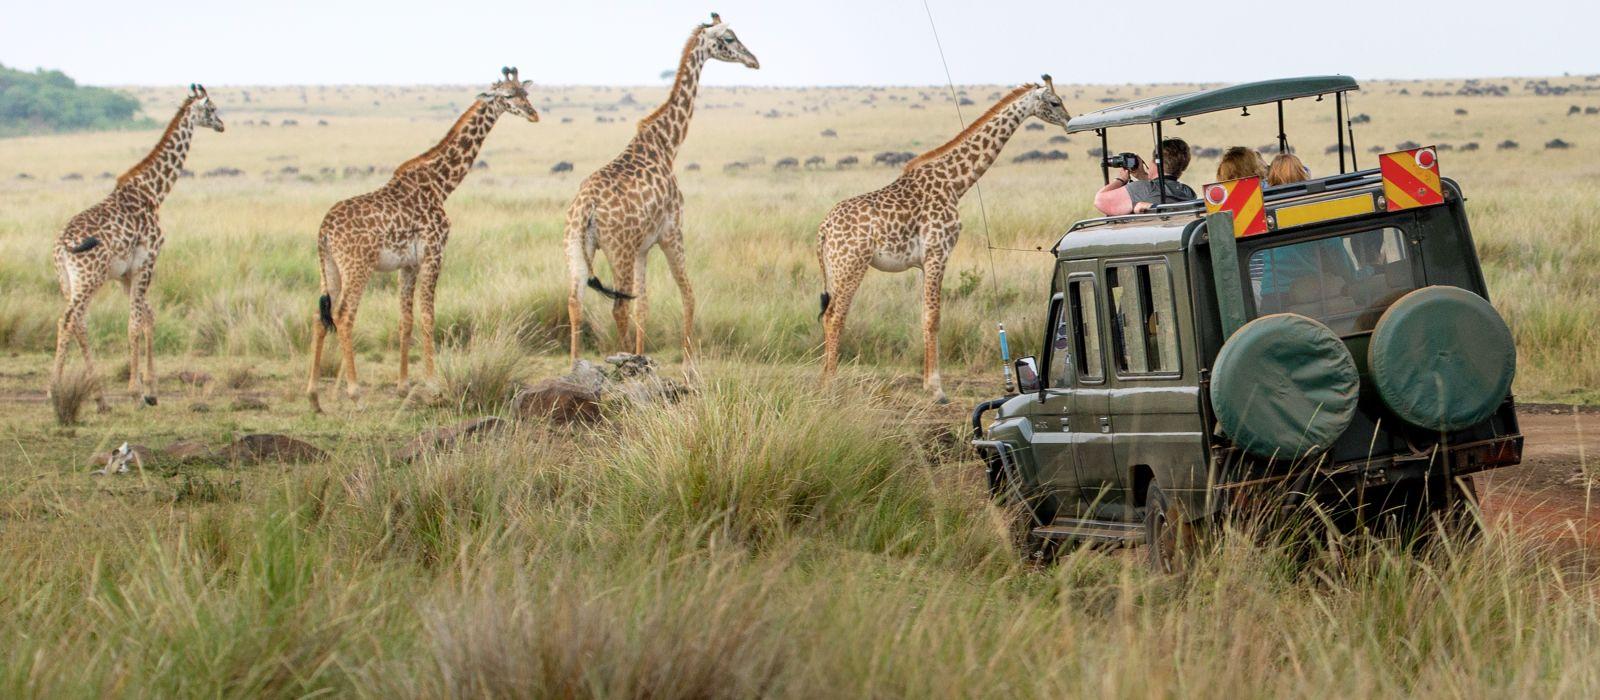 Giraffes herd in savannah, Kenya, Africa